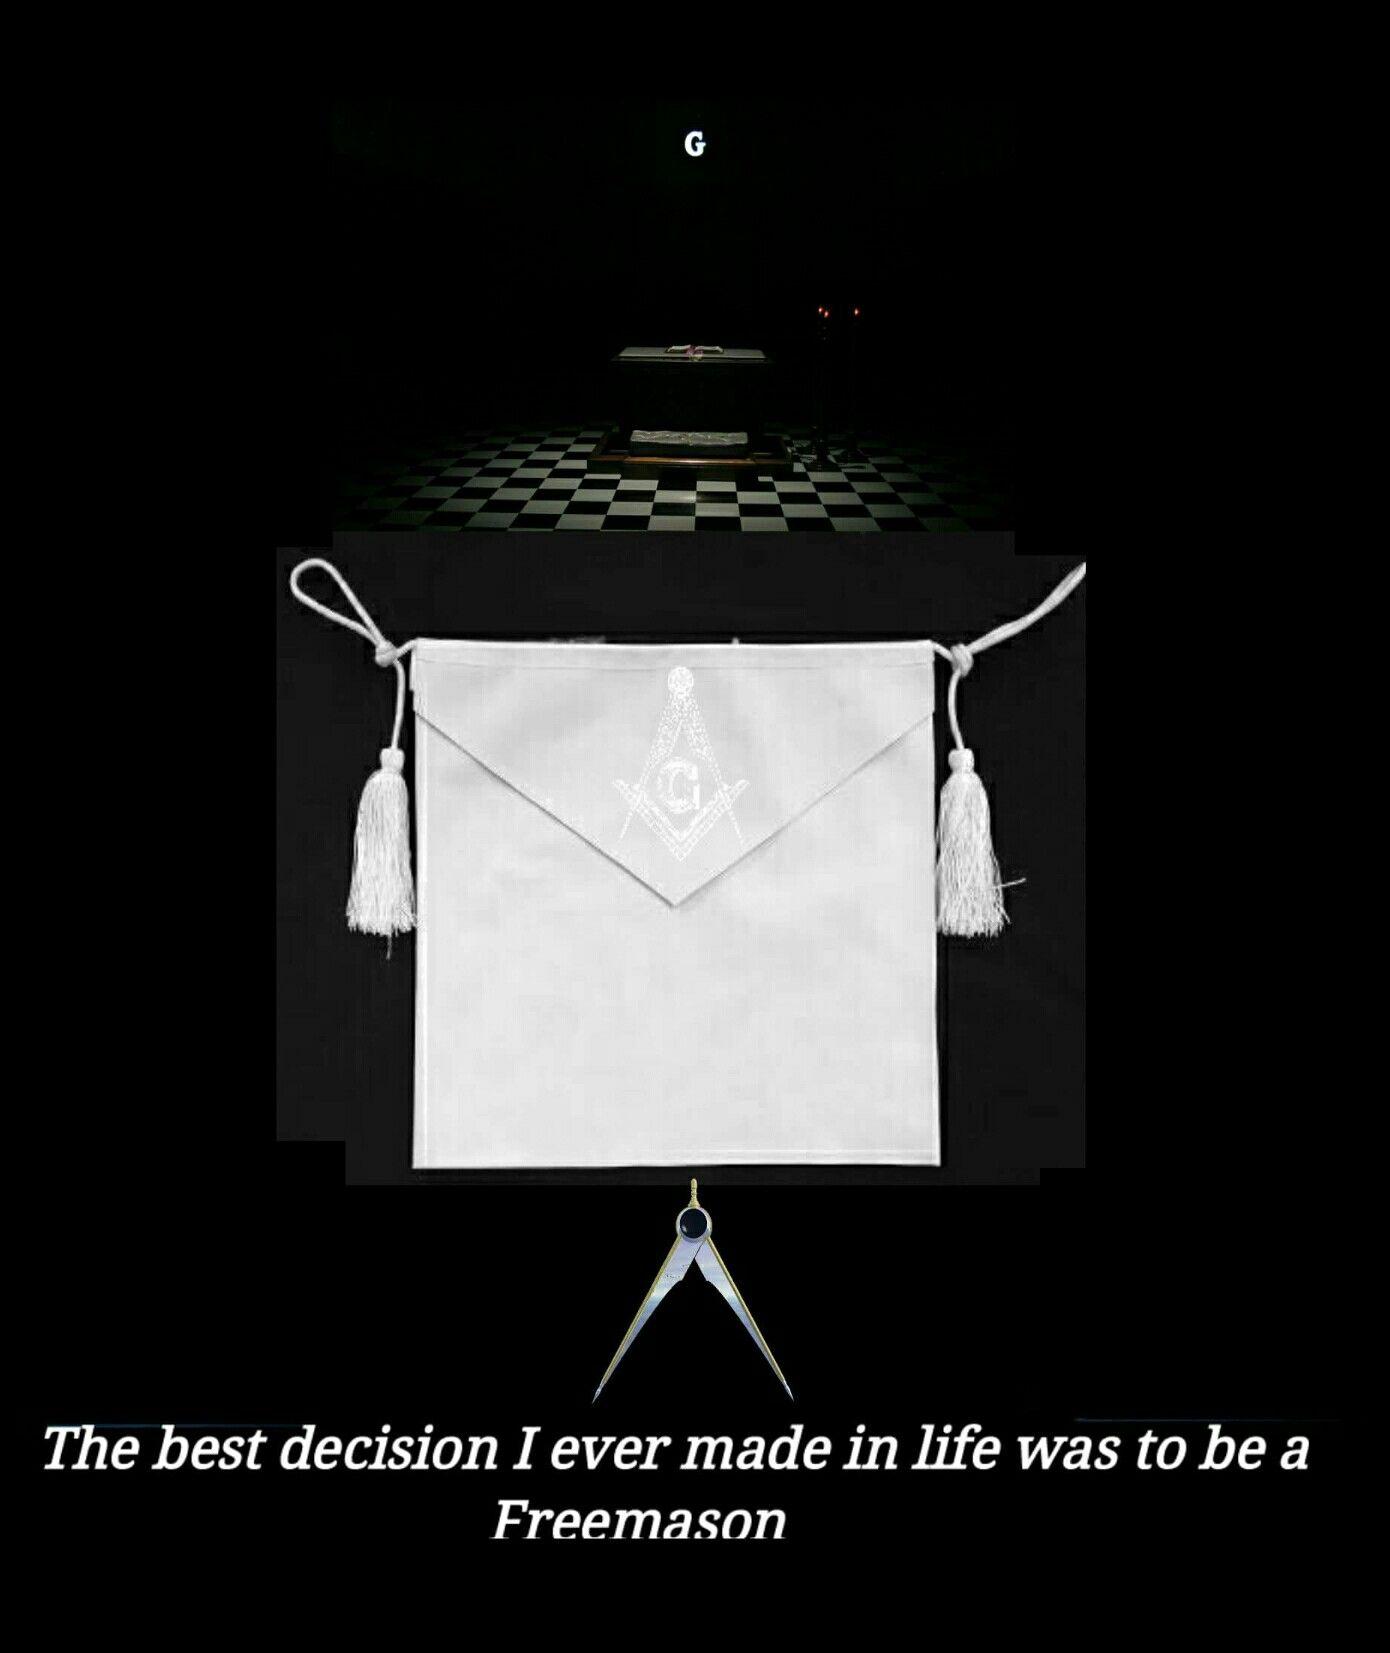 White apron freemason - Explore Masonic Symbols Fraternity And More